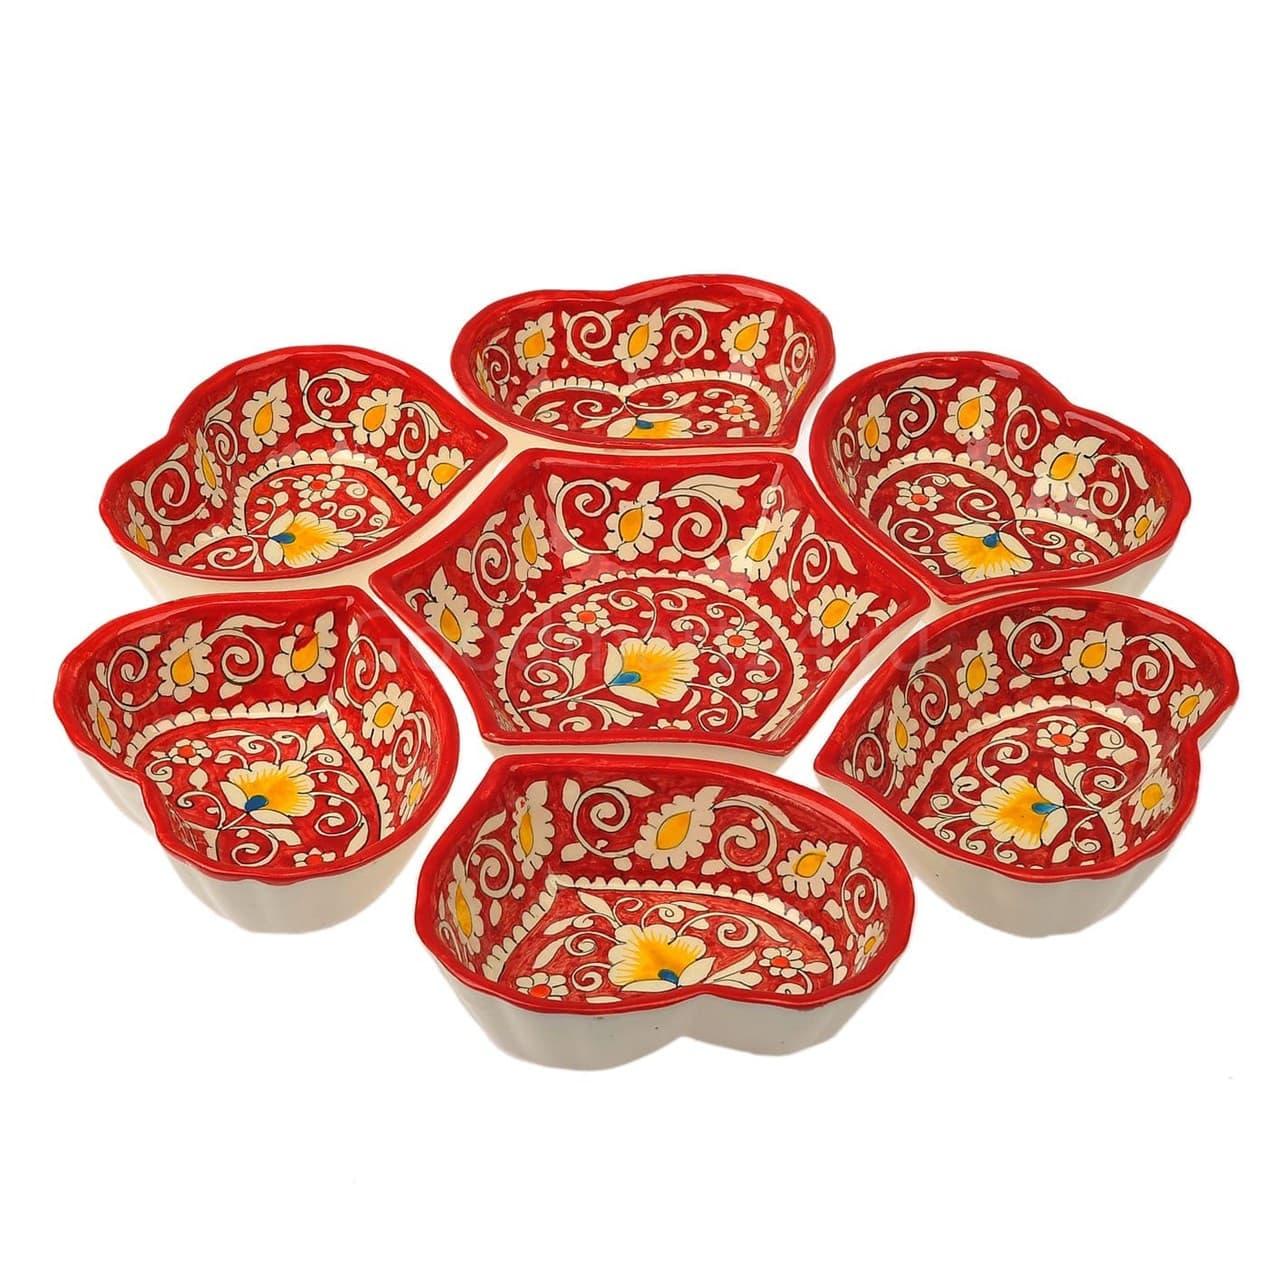 Салатница набор из 7 блюд, 40 см. красная - фото 9414